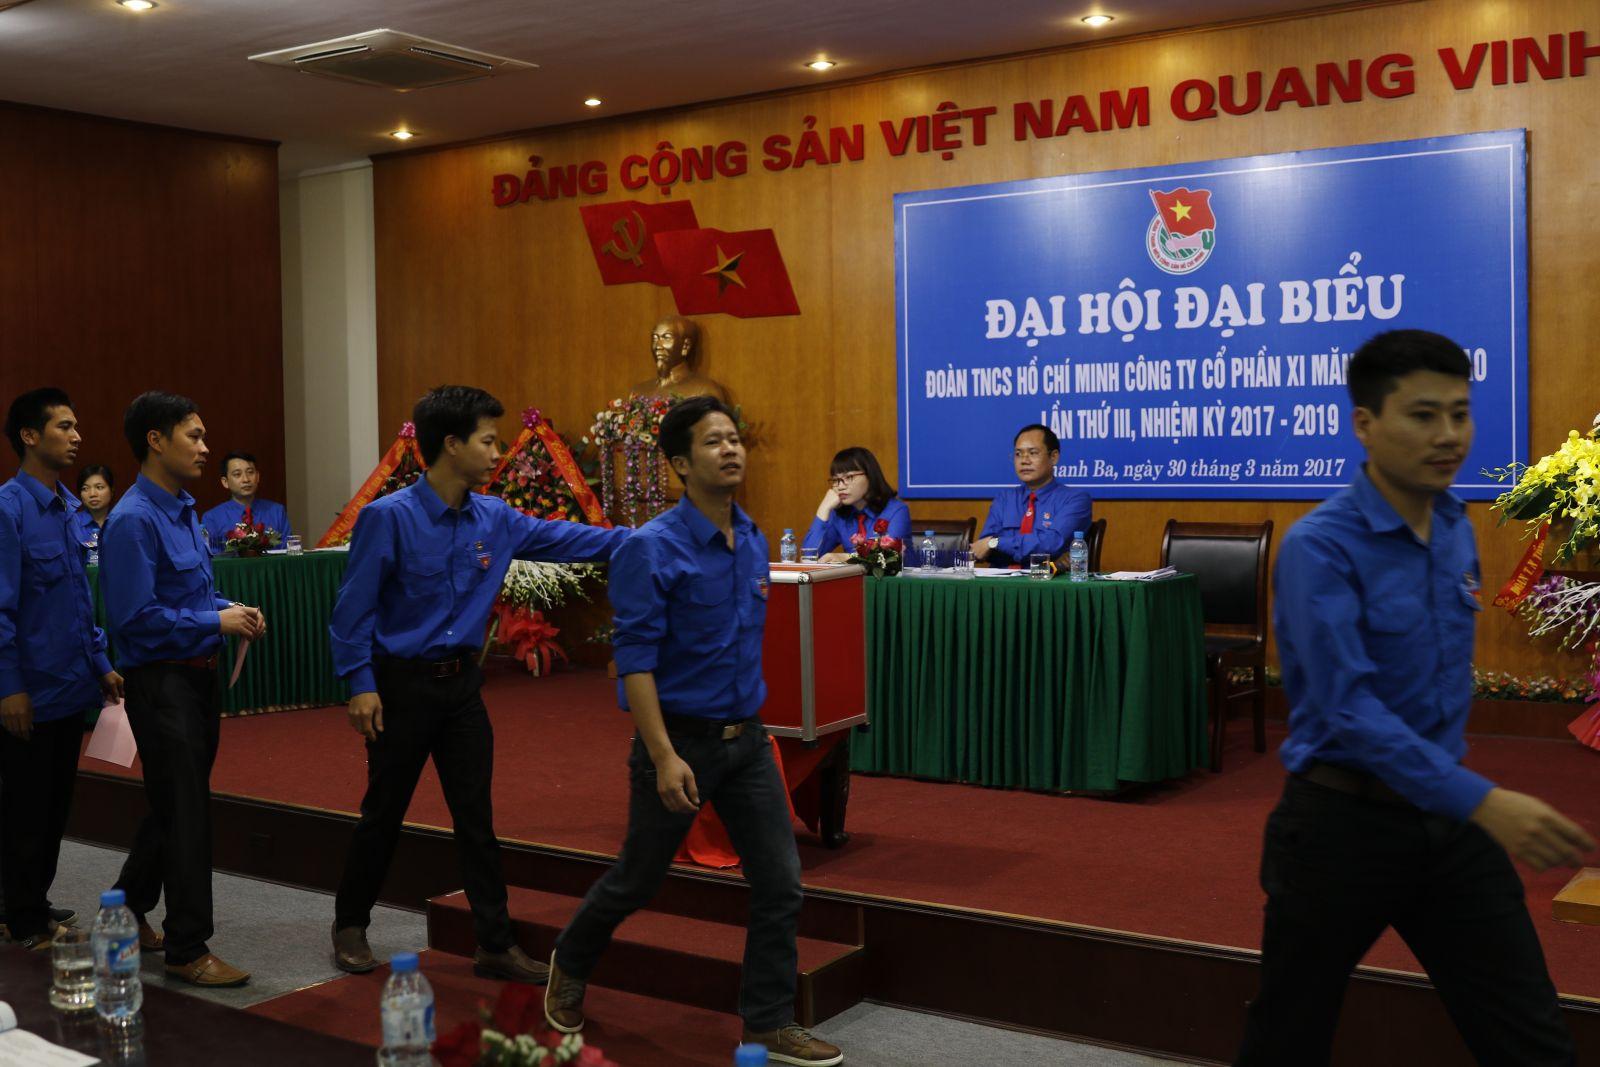 Đại hội Đại biểu Đoàn Thanh Niên Công ty cổ phần Xi măng Sông Thao, Lần thứ III, Nhiệm kỳ 2017 - 2019